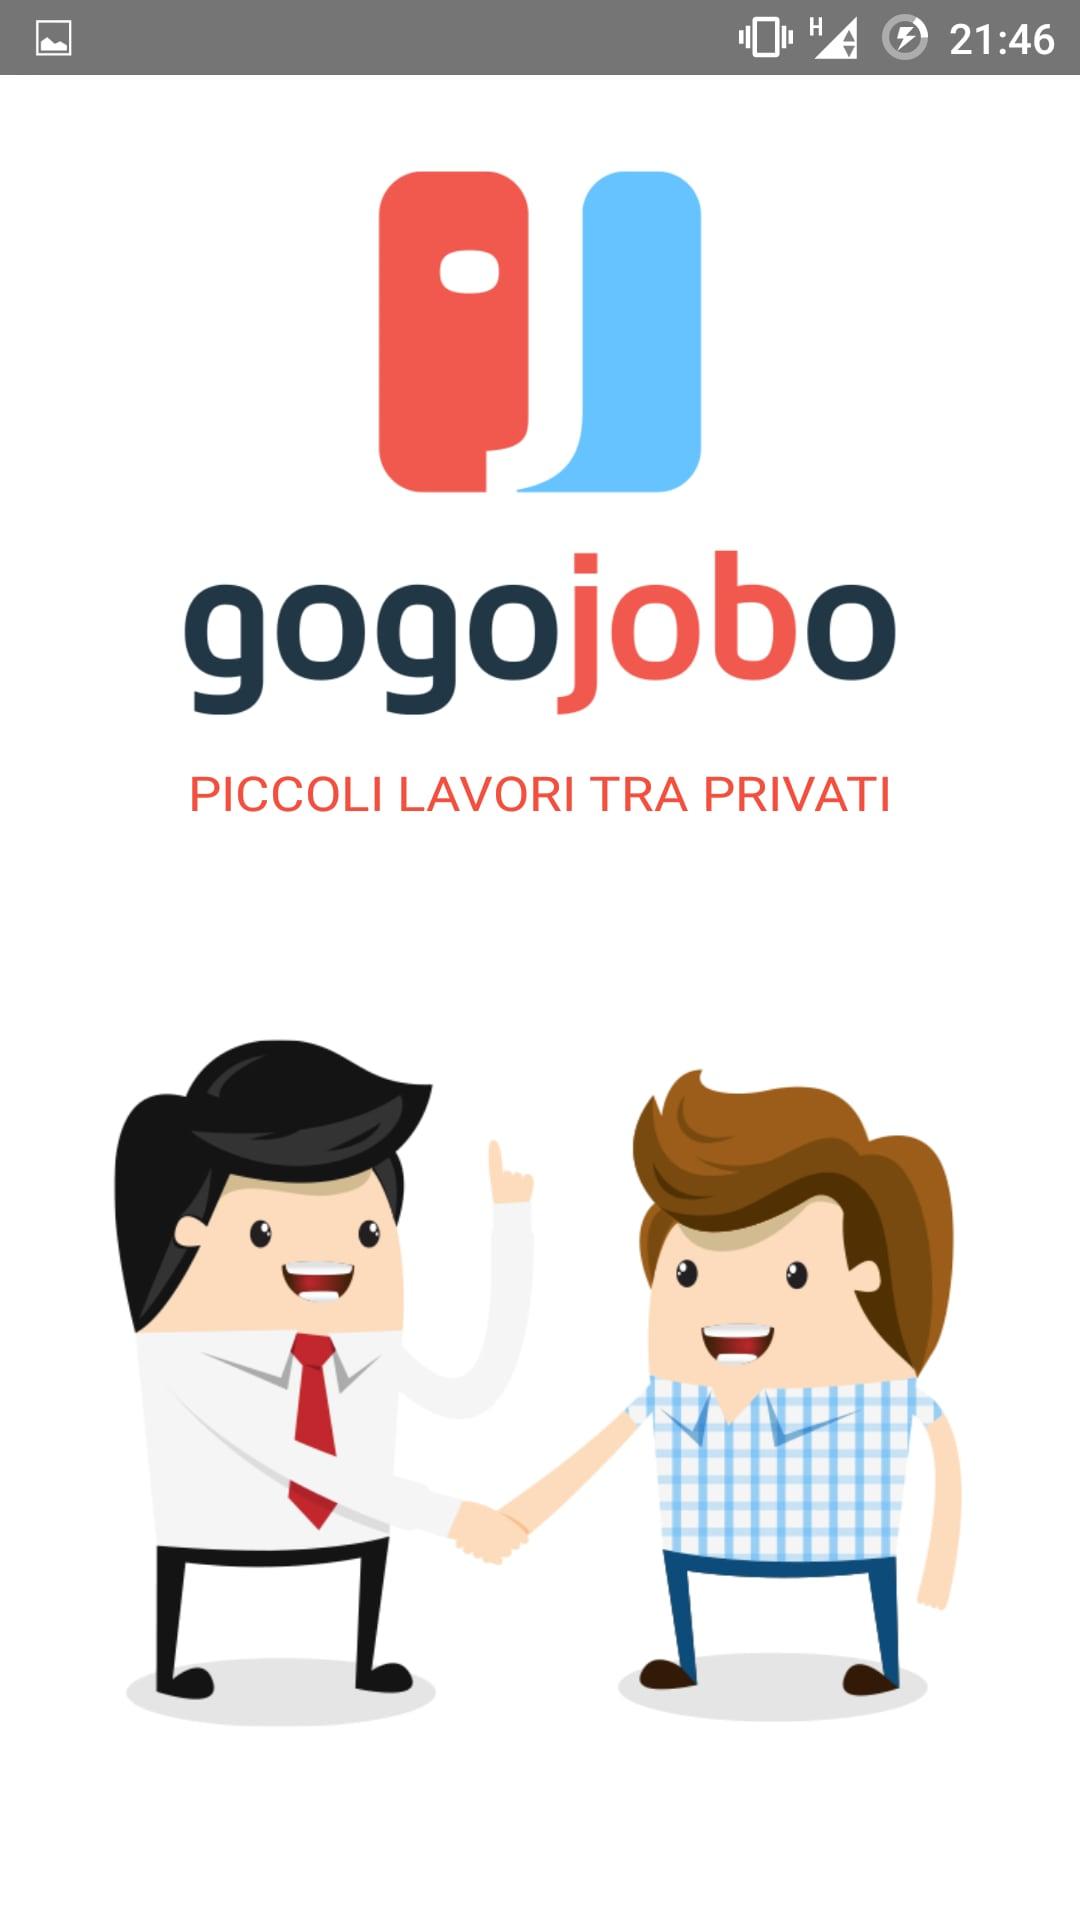 Gogojobo (2)